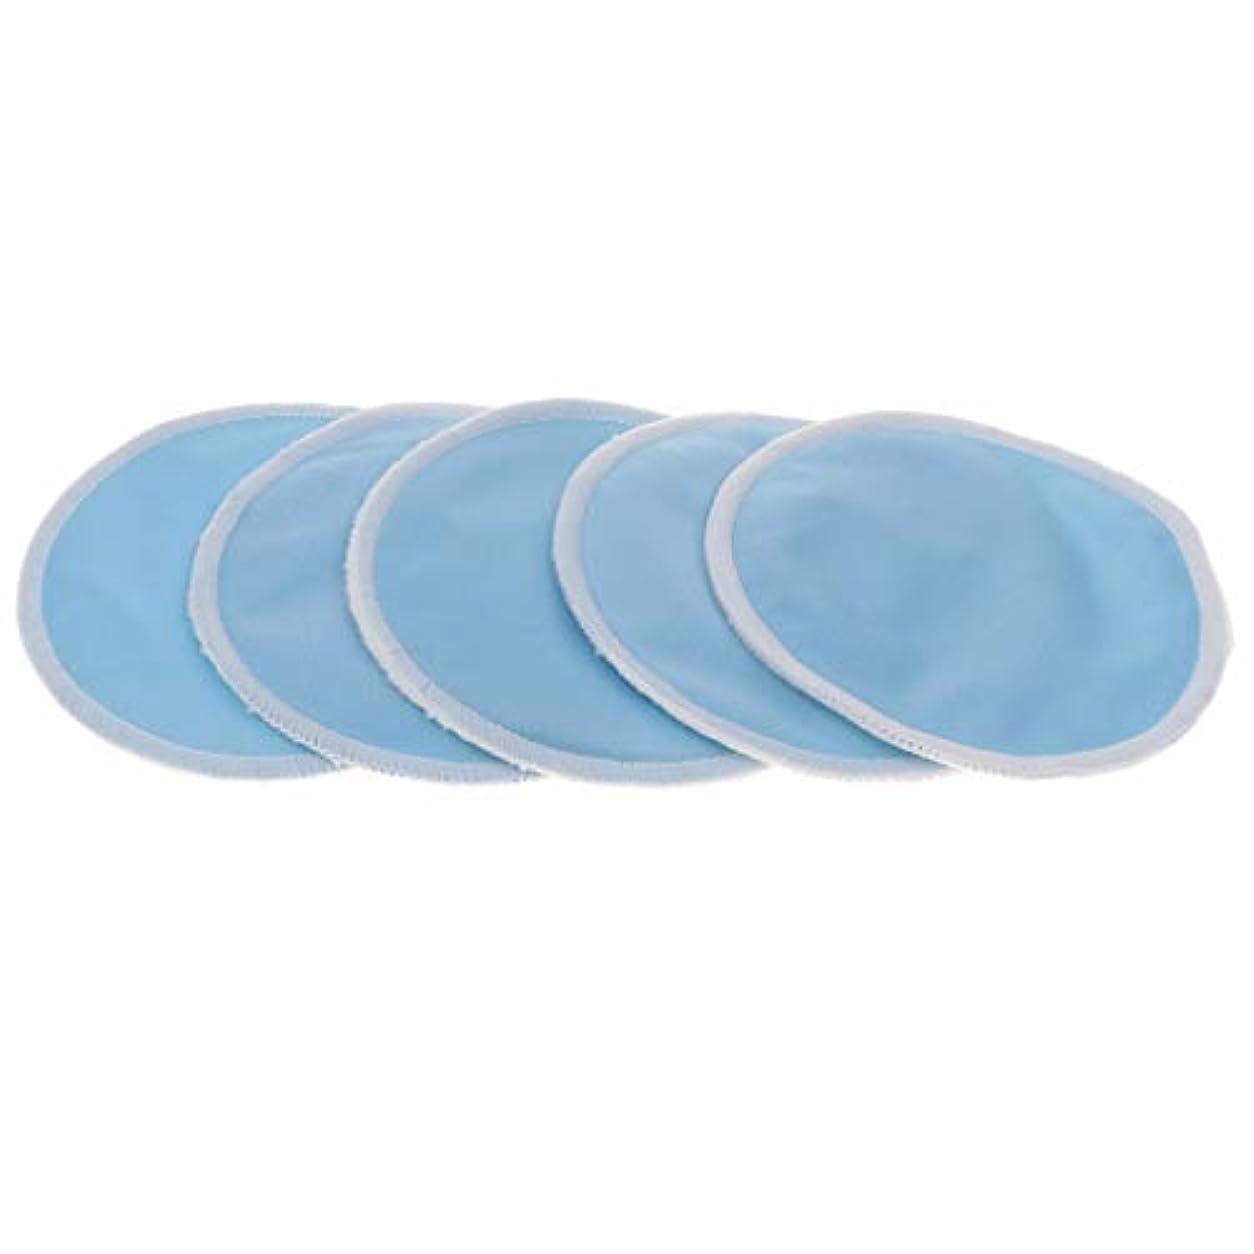 応じるミサイル虫を数える胸パッド クレンジングシート メイクアップ 竹繊維 円形 12cm 洗濯可能 再使用可 5個 全5色 - 青